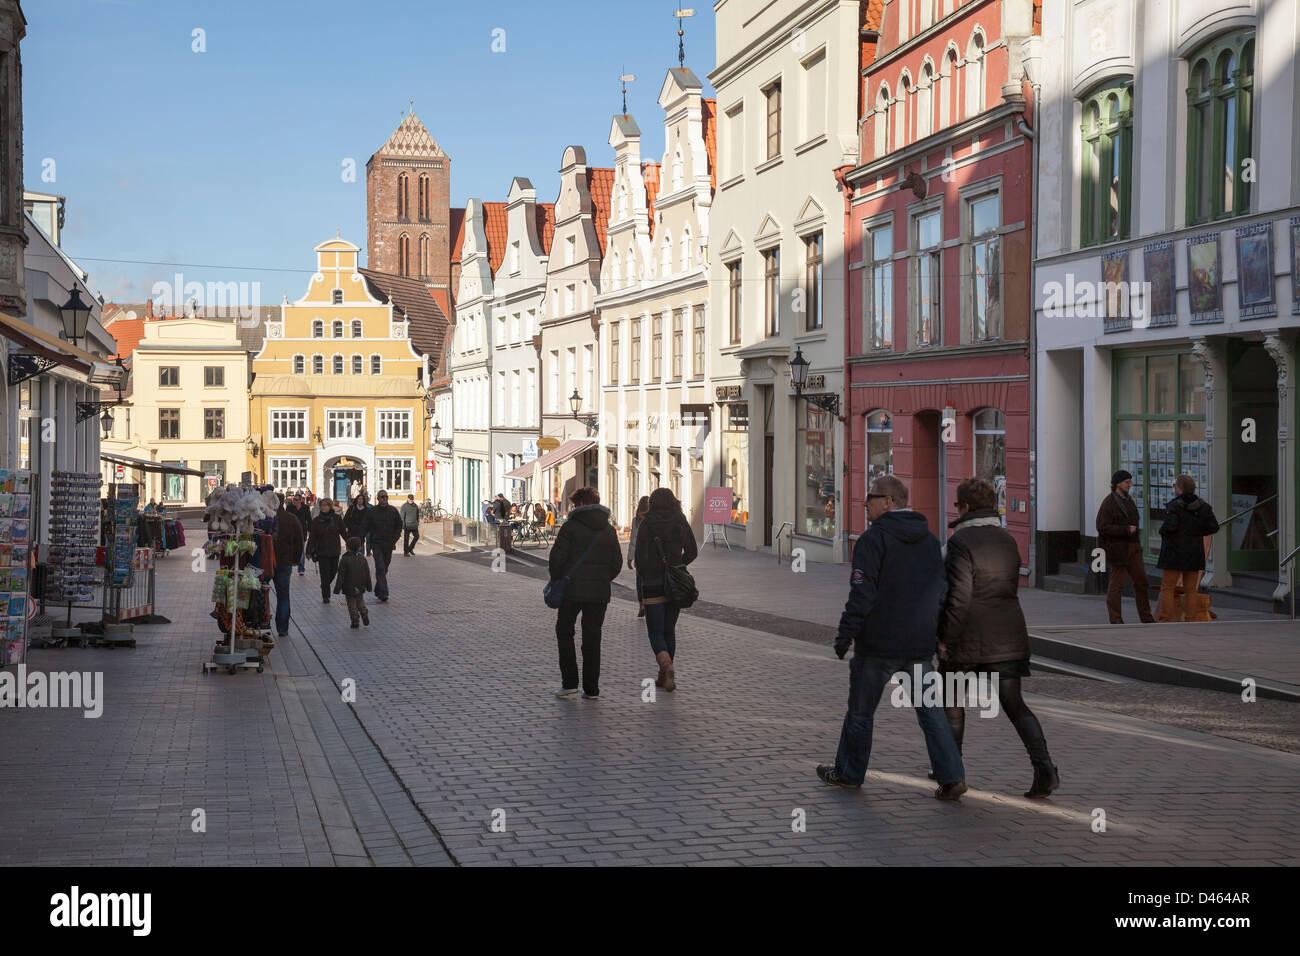 Krämerstrasse, Wismar, Mecklenburg Vorpommern, Germany - Stock Image